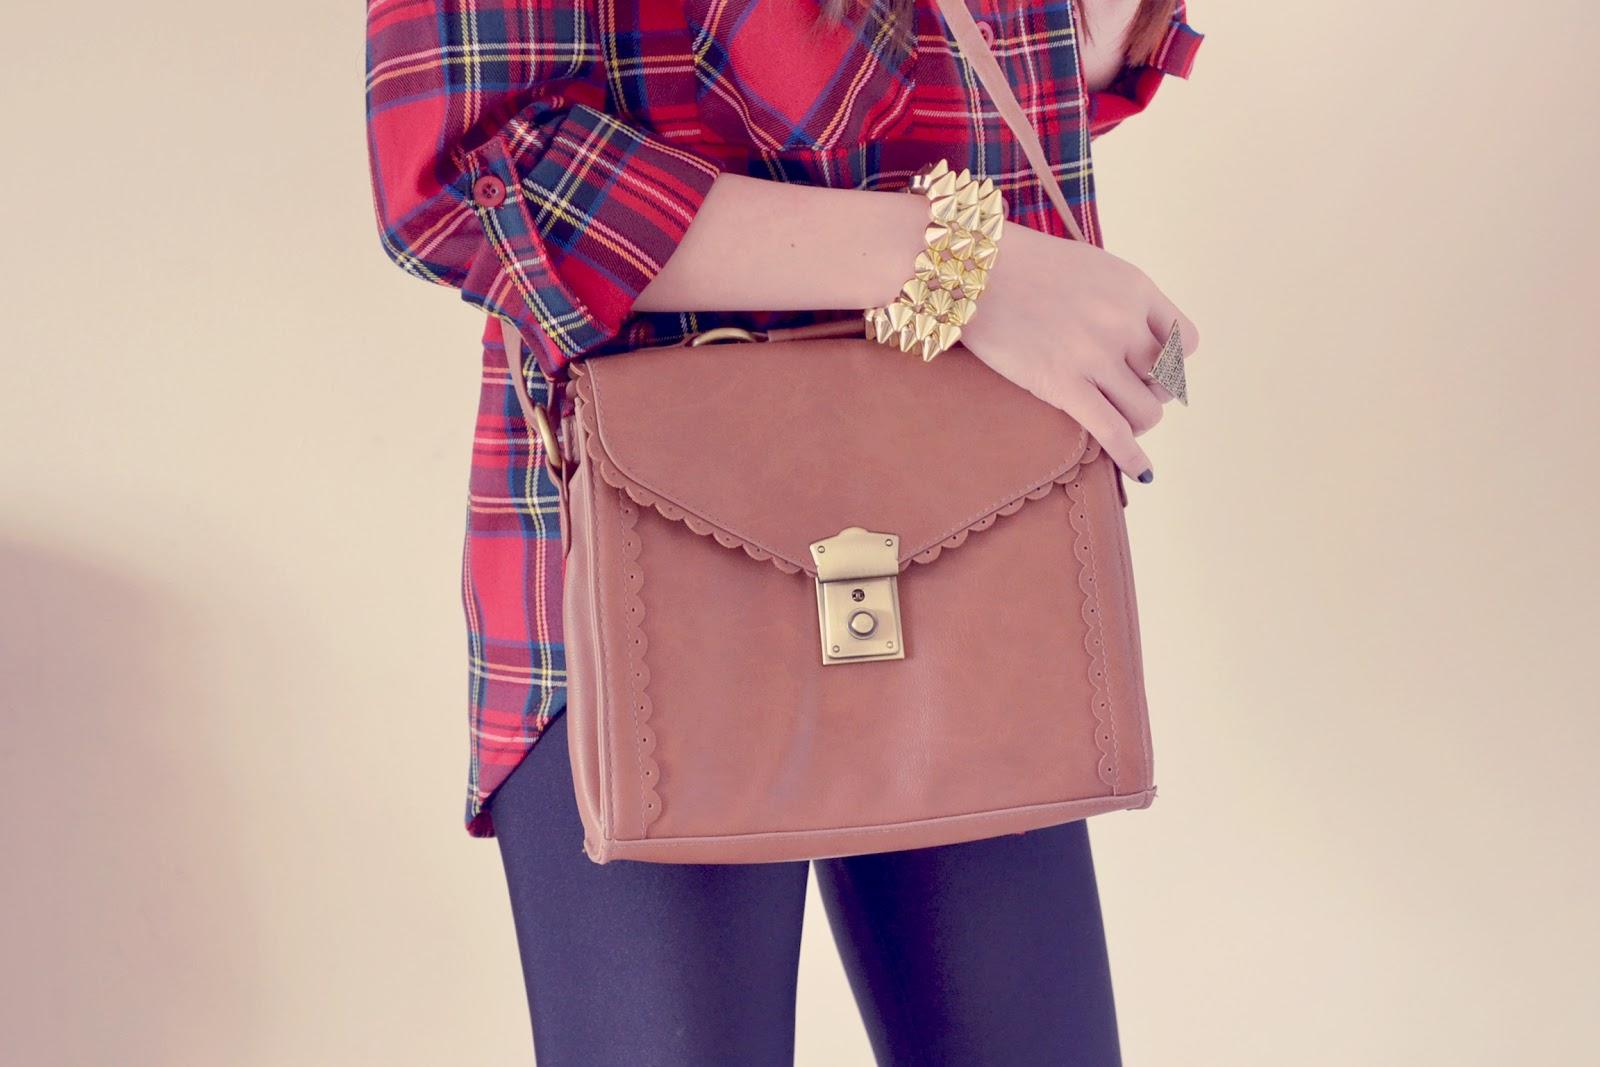 tan satchel bag, brown handbag